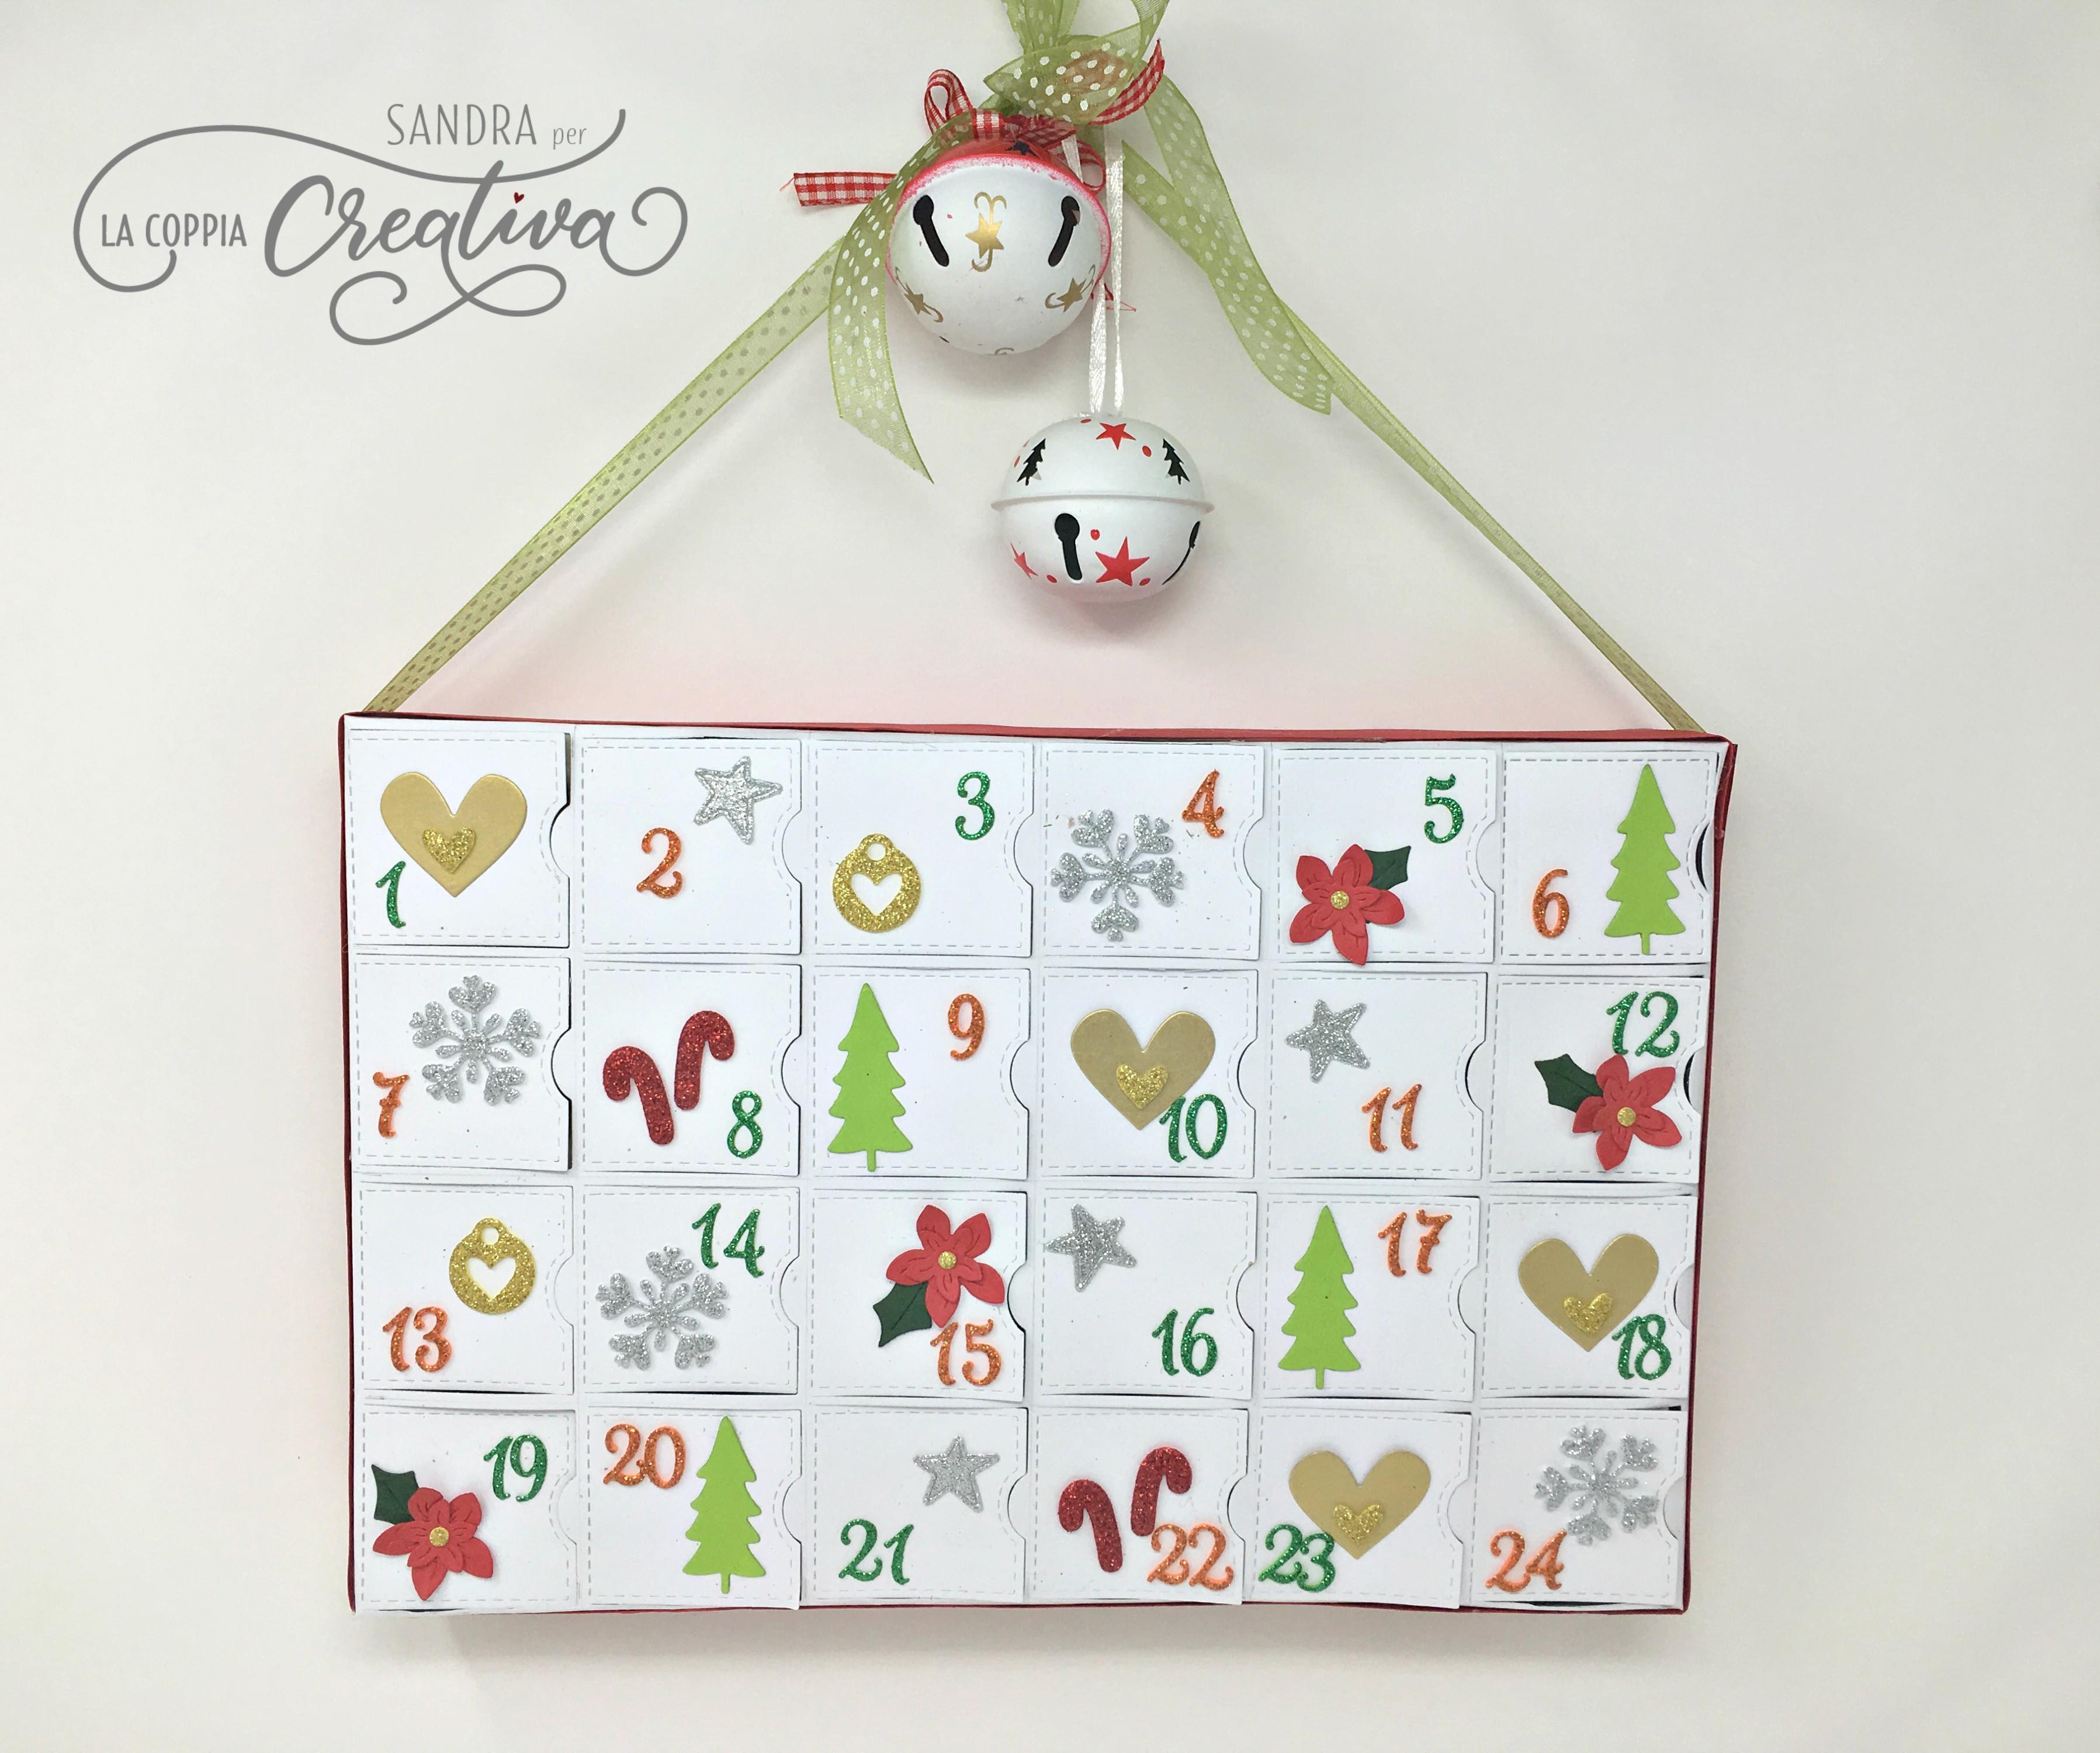 Calendario Dellavvento Punto Croce.Calendario Dell Avvento 2017 La Coppia Creativa